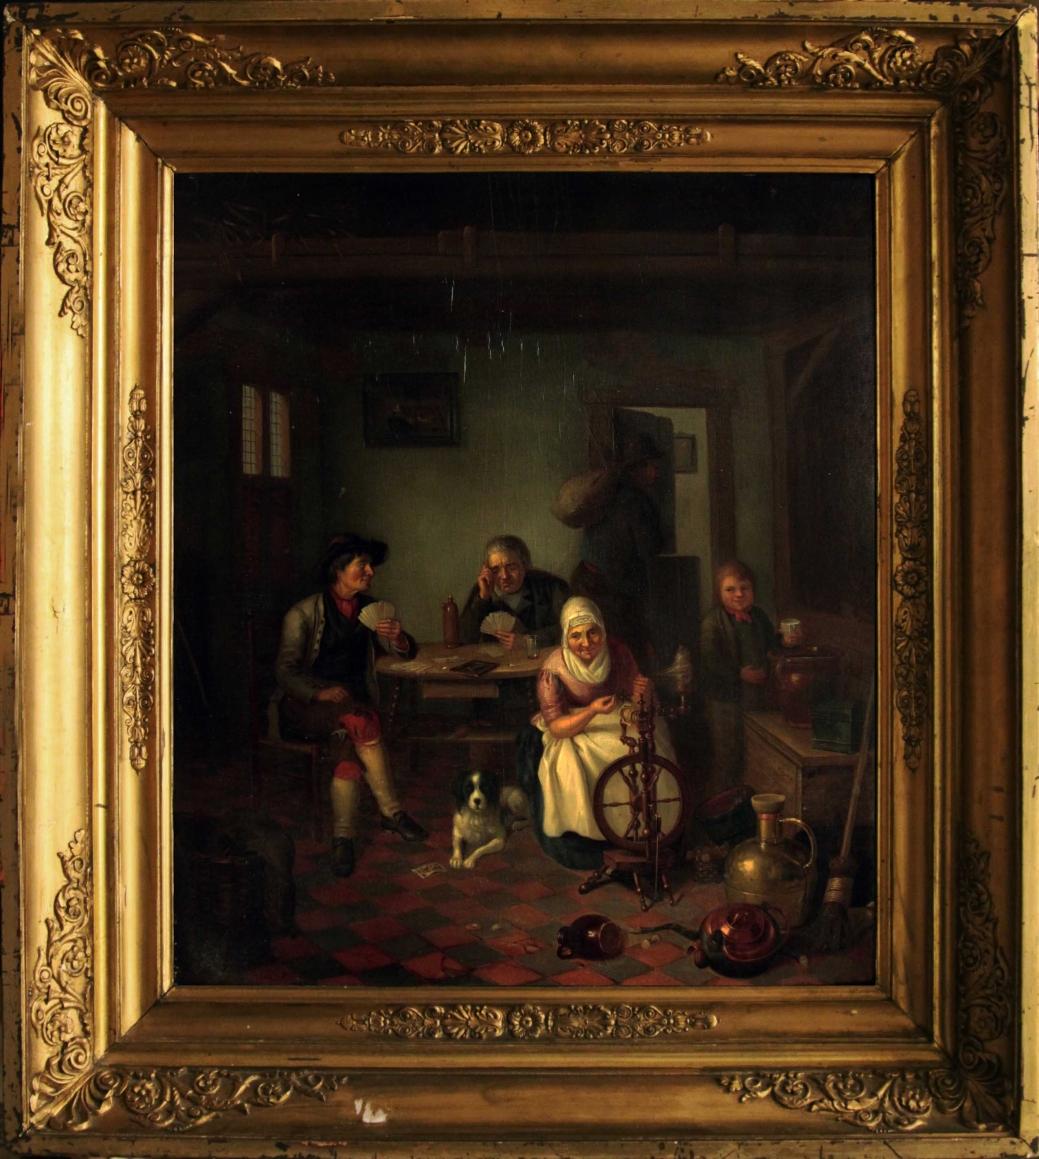 """Старинная картина: """"Голландская жанровая сцена"""". Западная Европа, первая половина 19 века."""